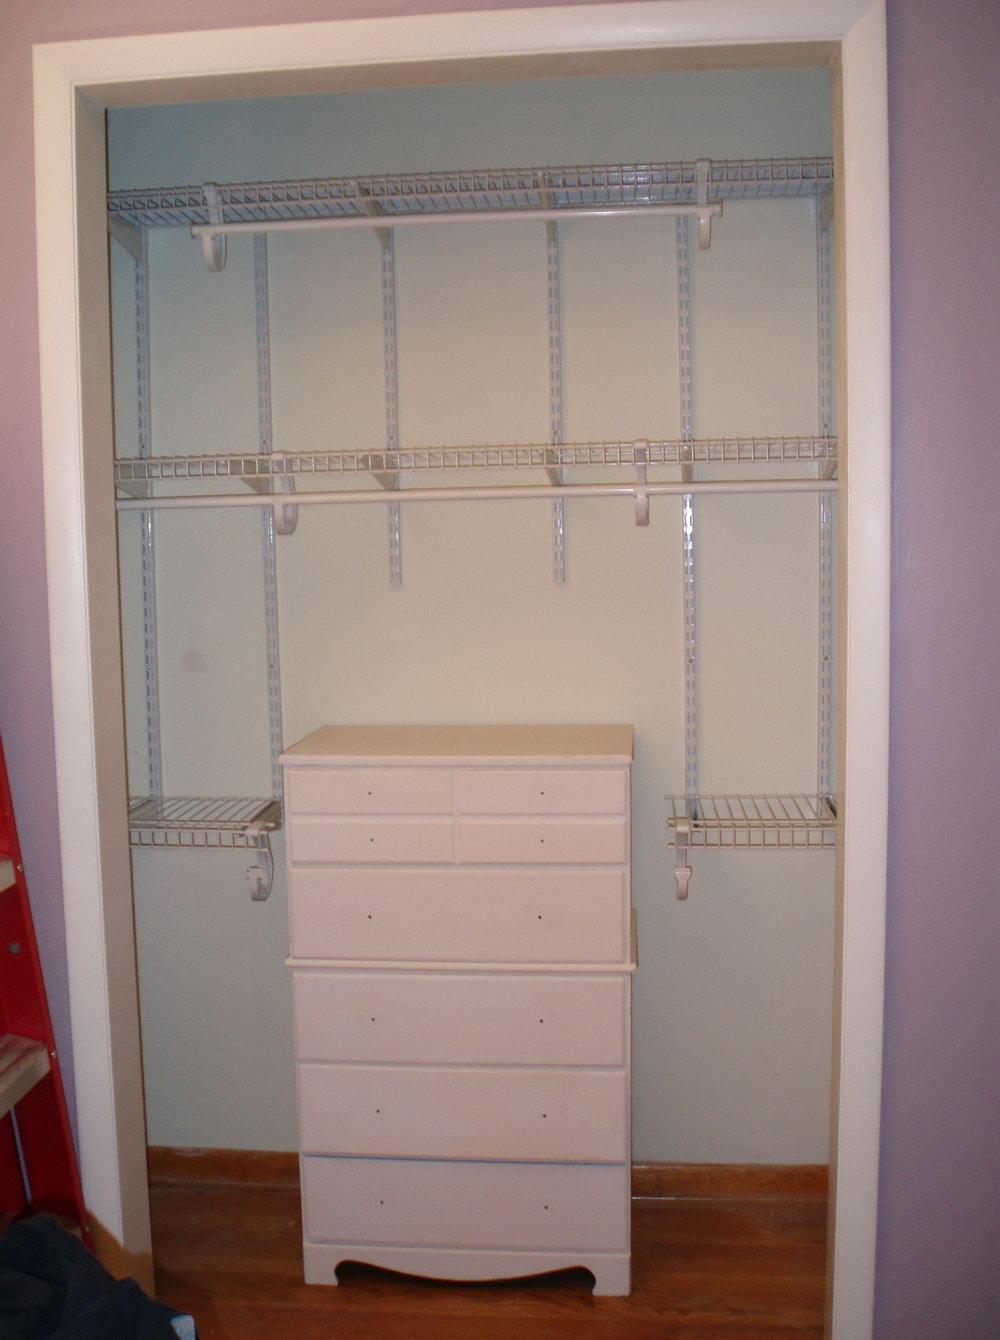 Closet Maid Shelving System